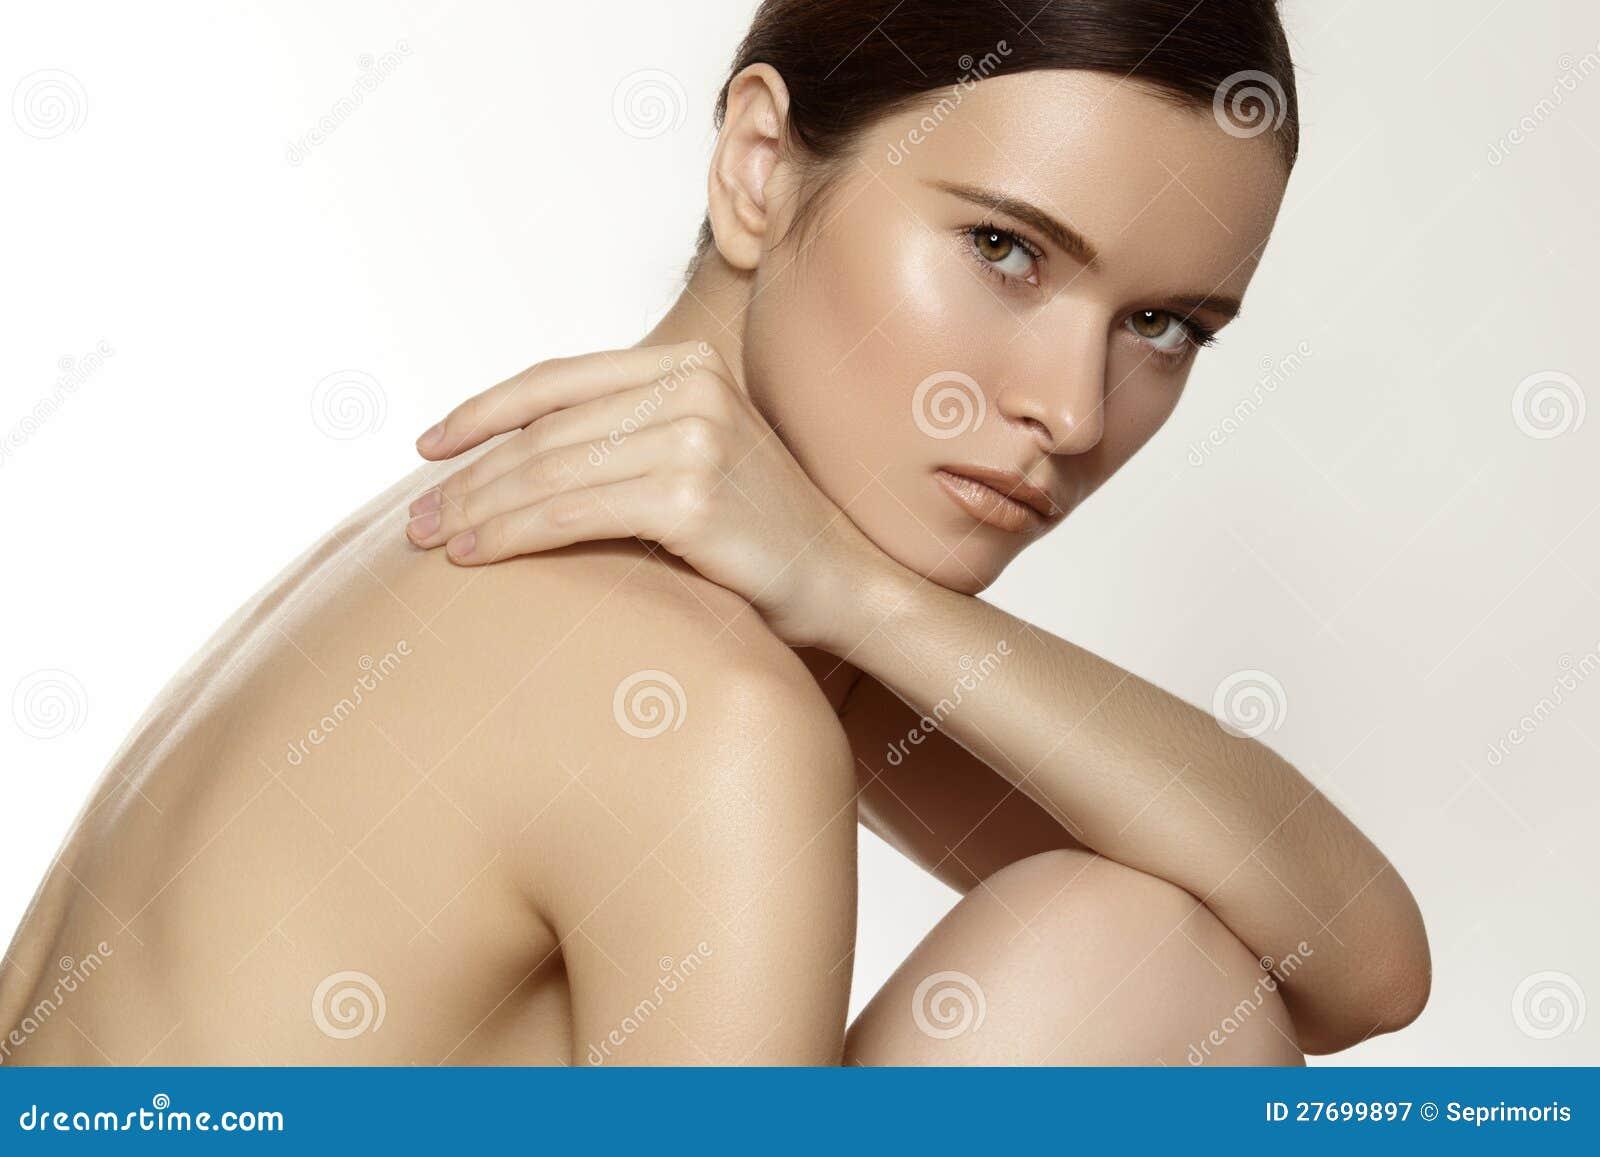 Cura della stazione termale, di benessere & del corpo. Modelli con trucco morbido puro del giorno & della pelle